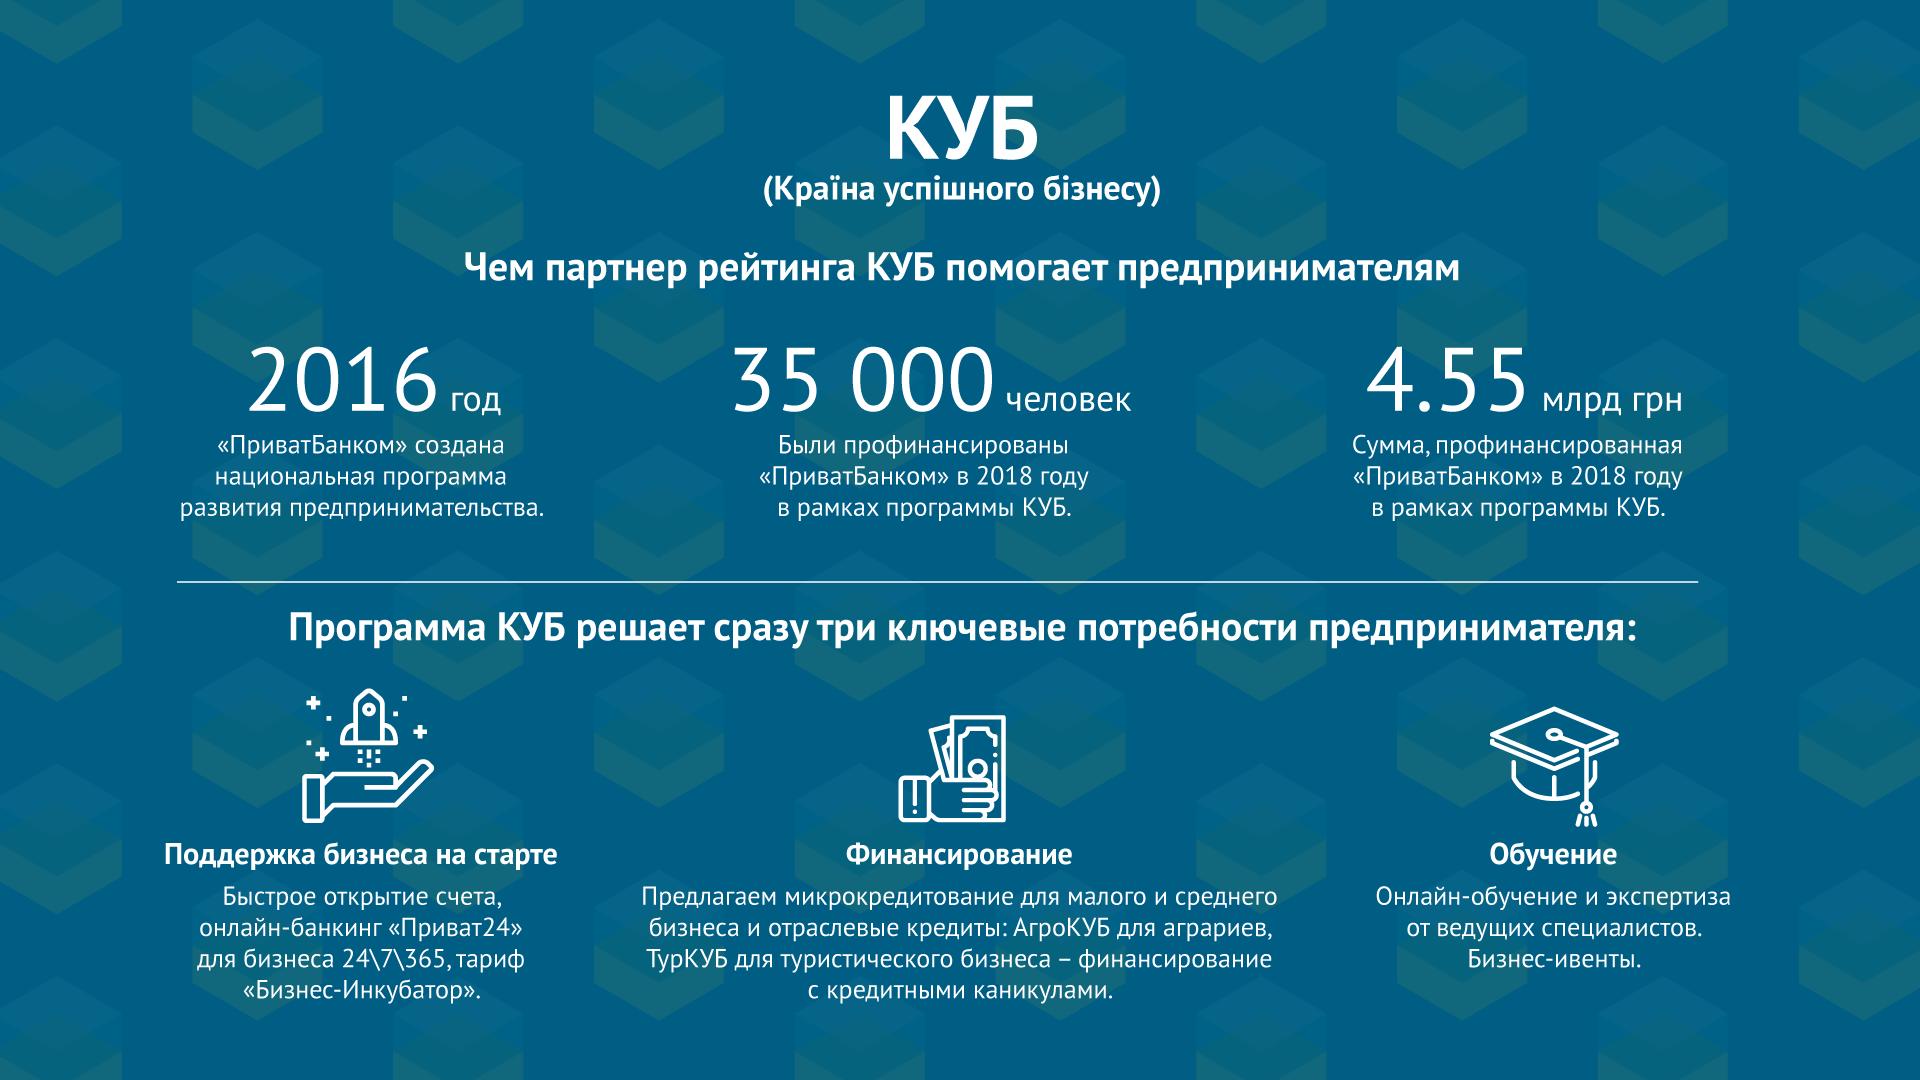 КУБ (Країна успішного бізнесу) от «ПриватБанка»